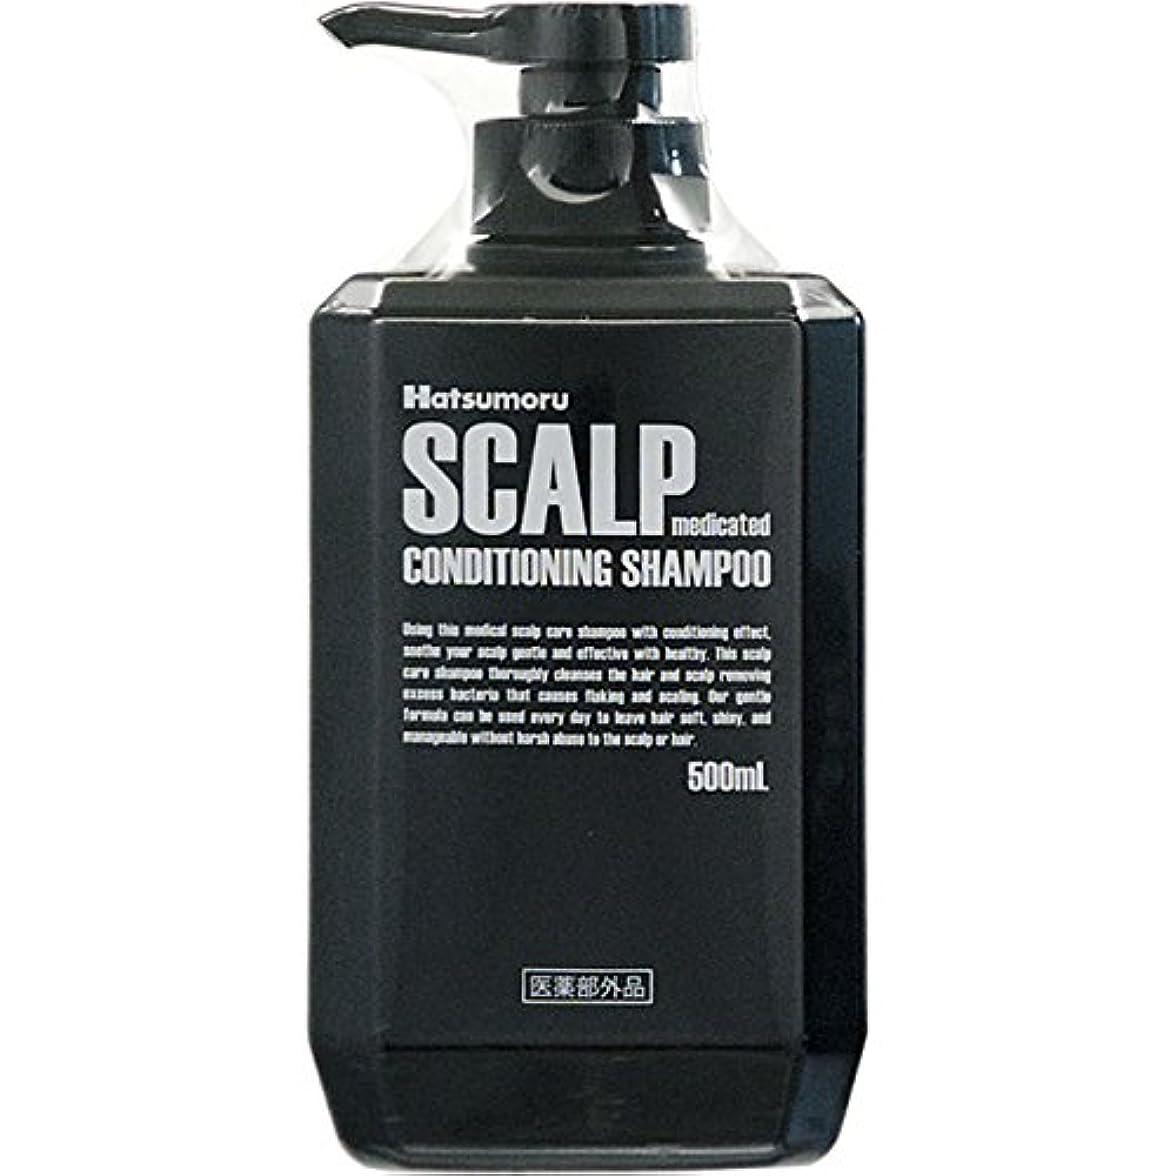 メイド浸すとげハツモール 薬用スカルプシャンプー500MLx4